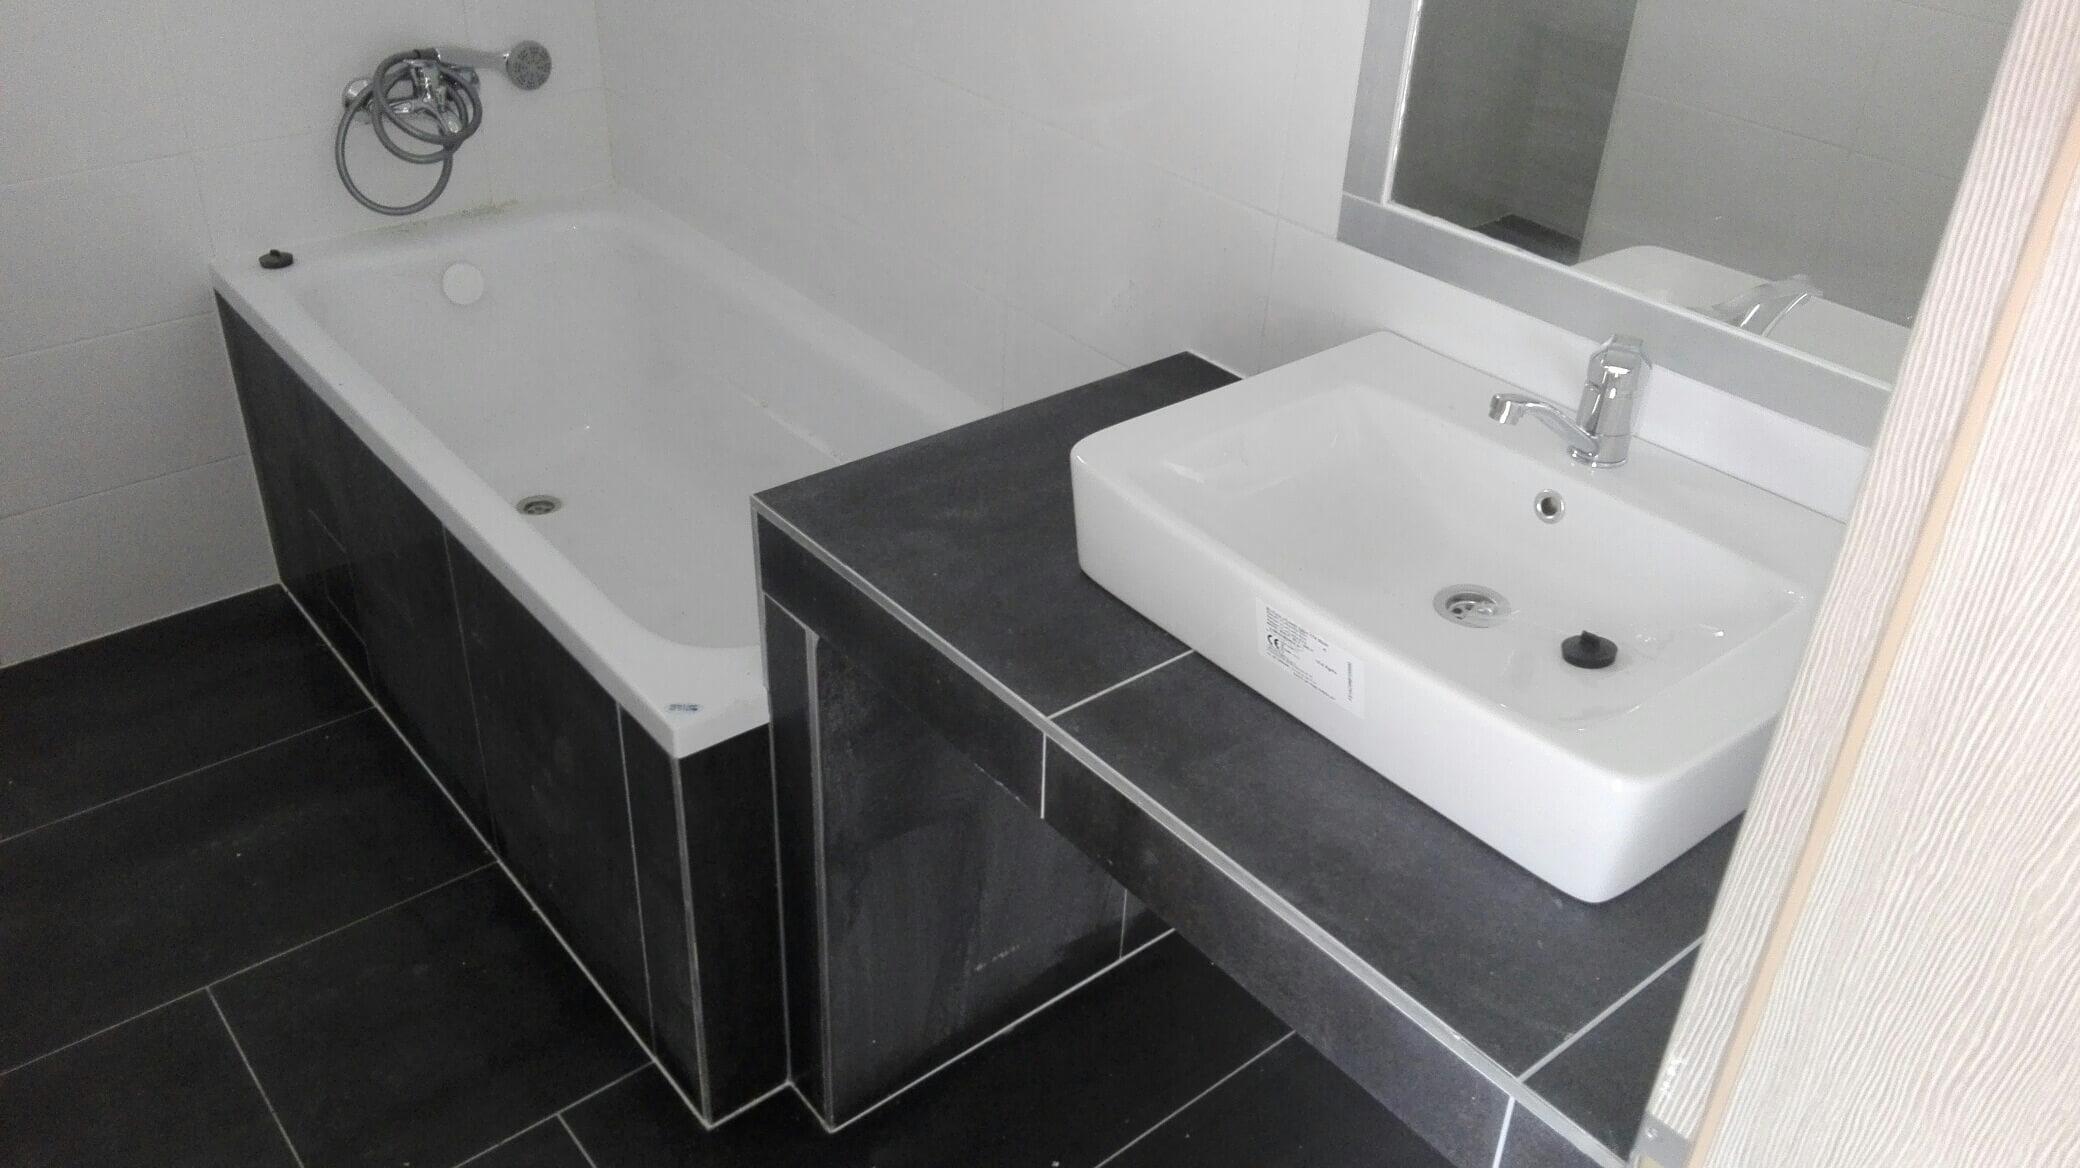 Predané: Novostavba na kľúč + kuchyňa + pozemok len za 98 000 Eur, iba 25km od Bratislavy-3